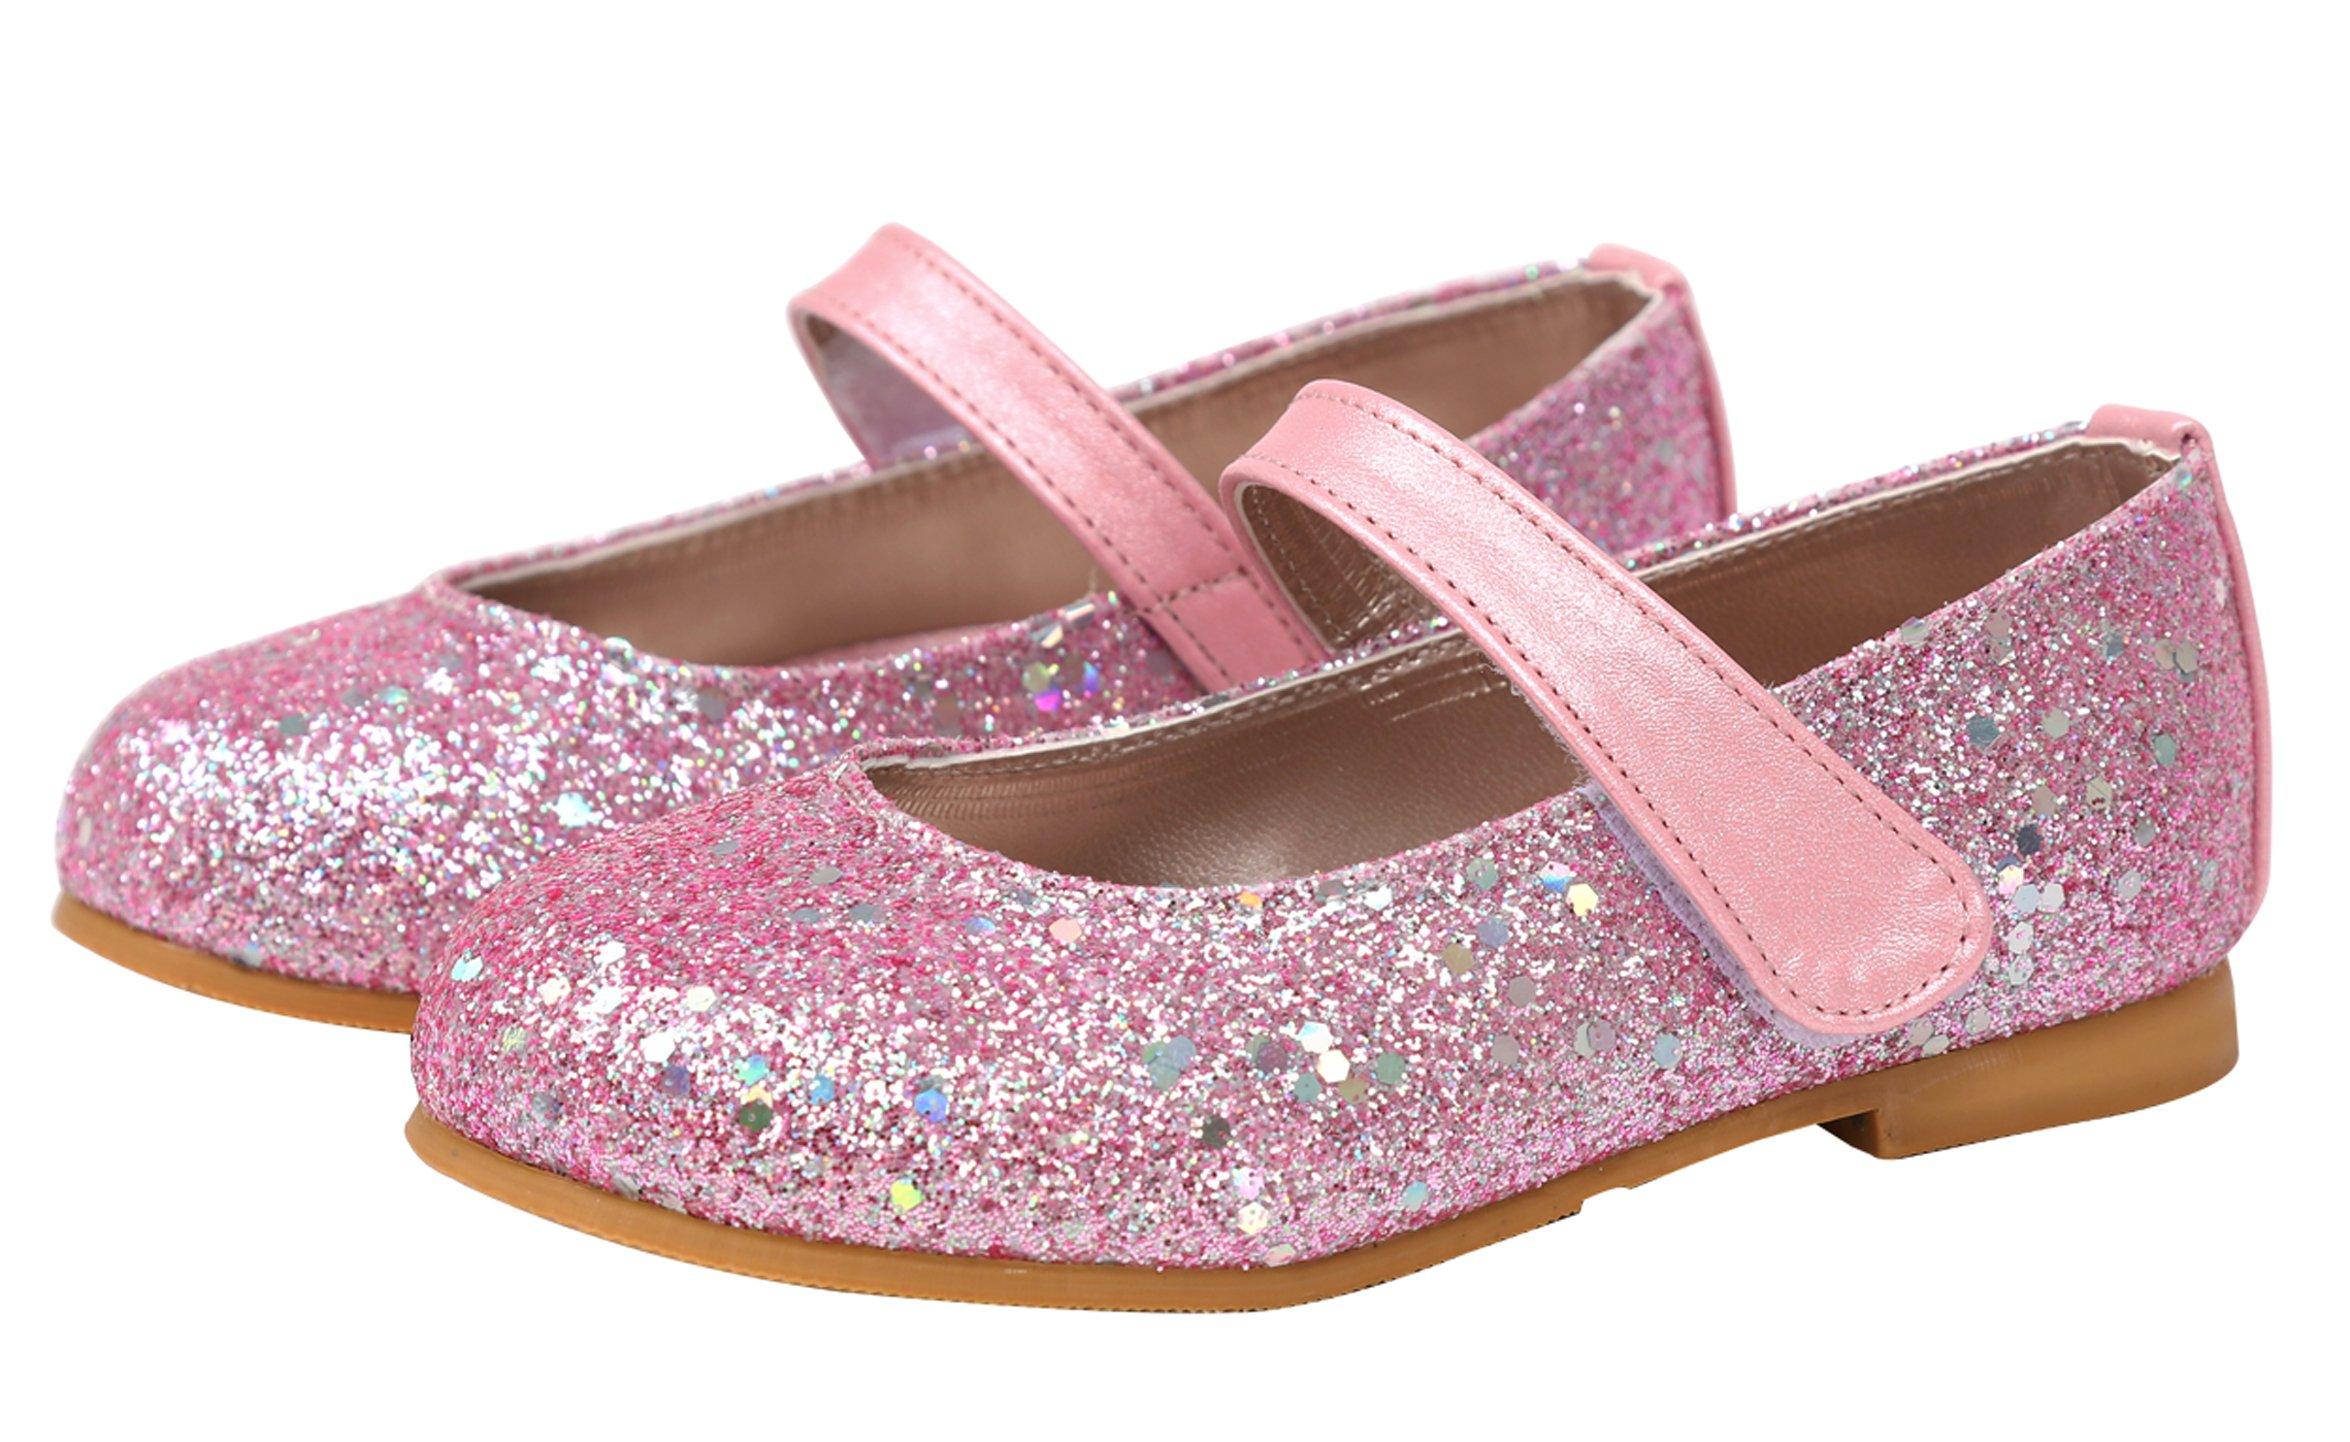 Ozkiz Kids Girl's Glitter Mary Jane Casual Slip On Ballerina Flat Shoes (Toddler/Little Kid) PK 12m